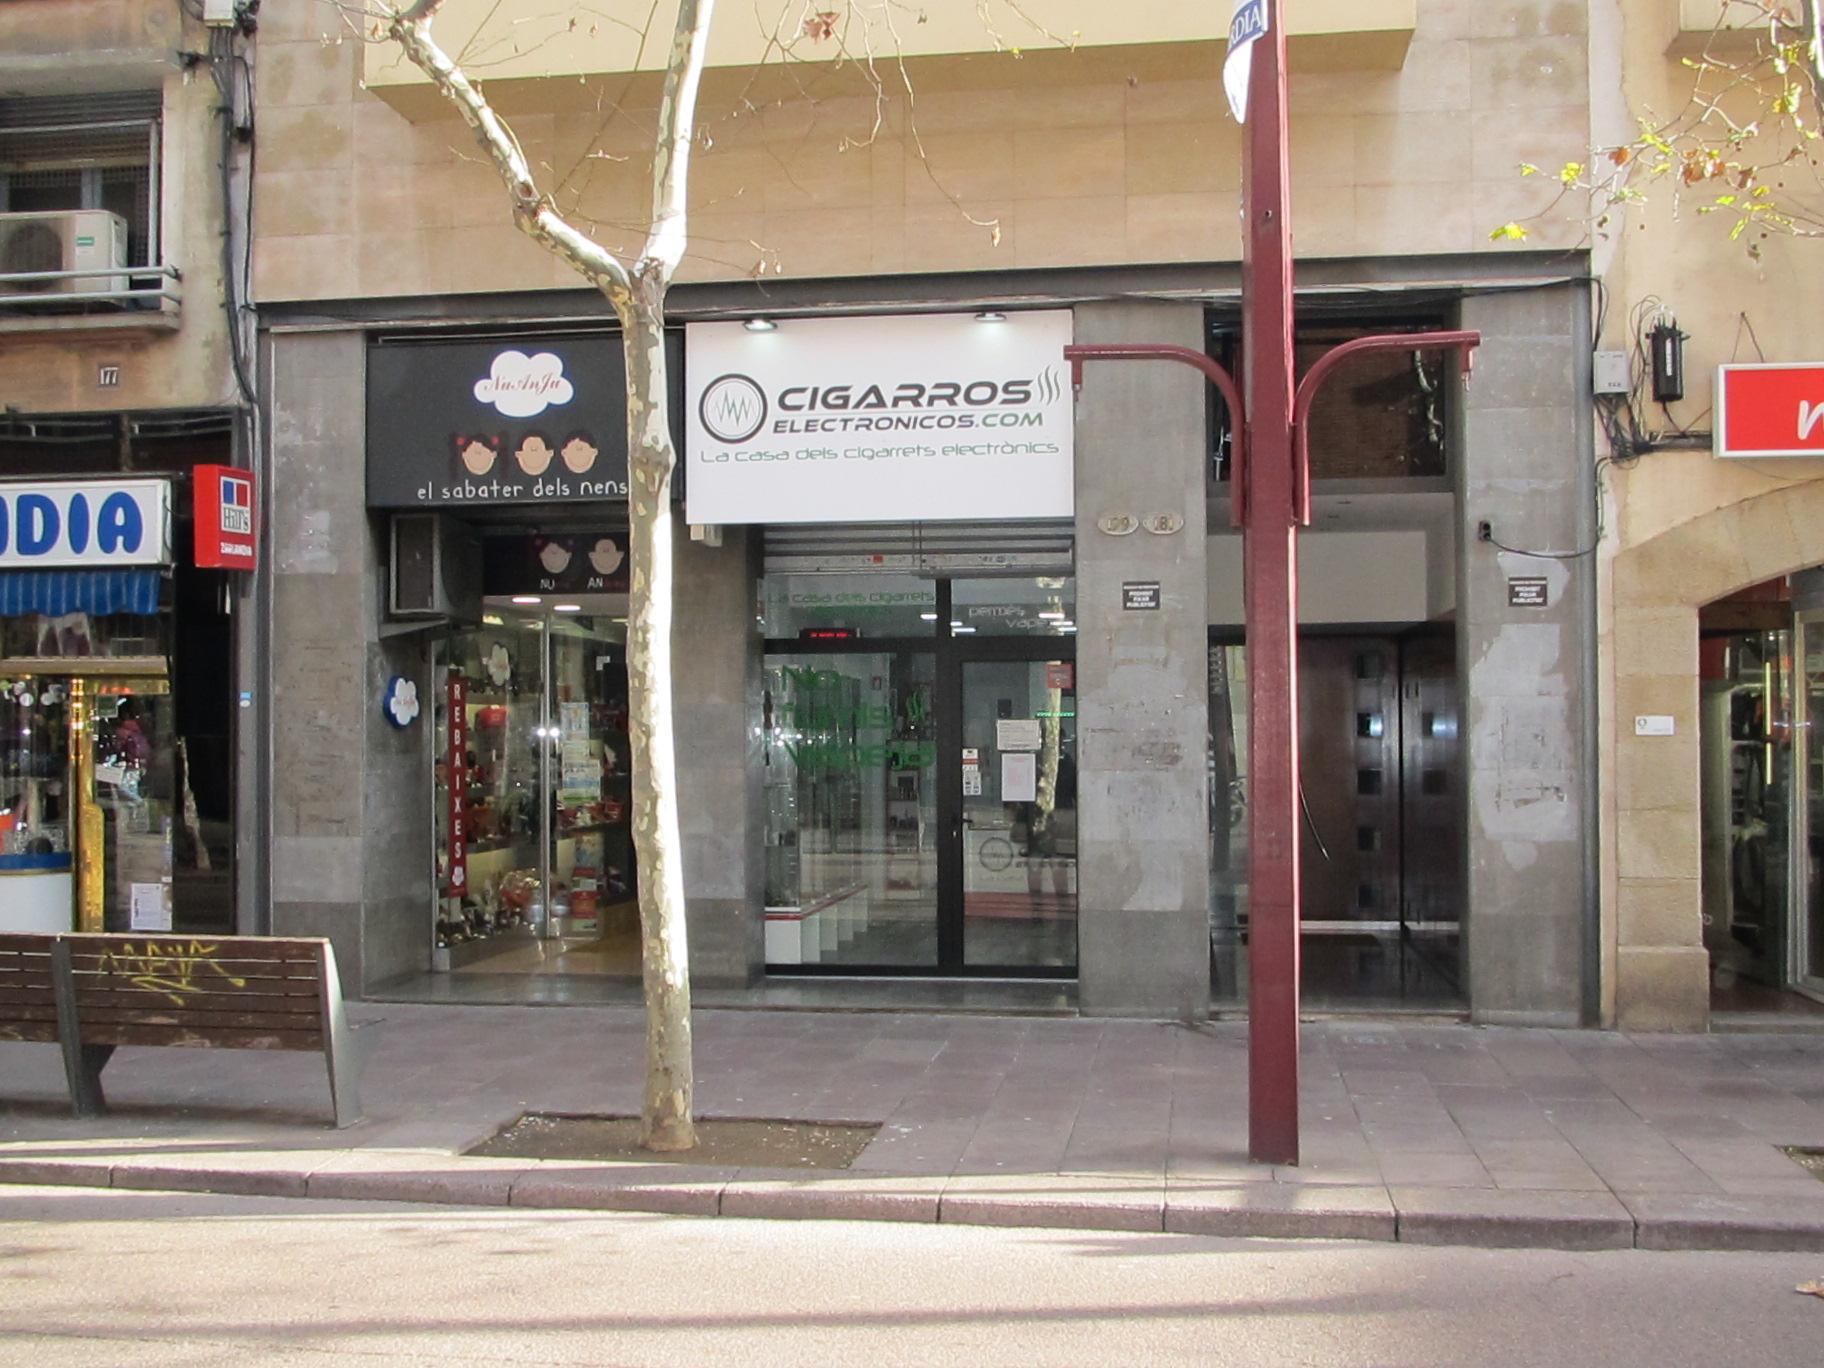 La Casa dels Cigarrets Electrònics Sabadell